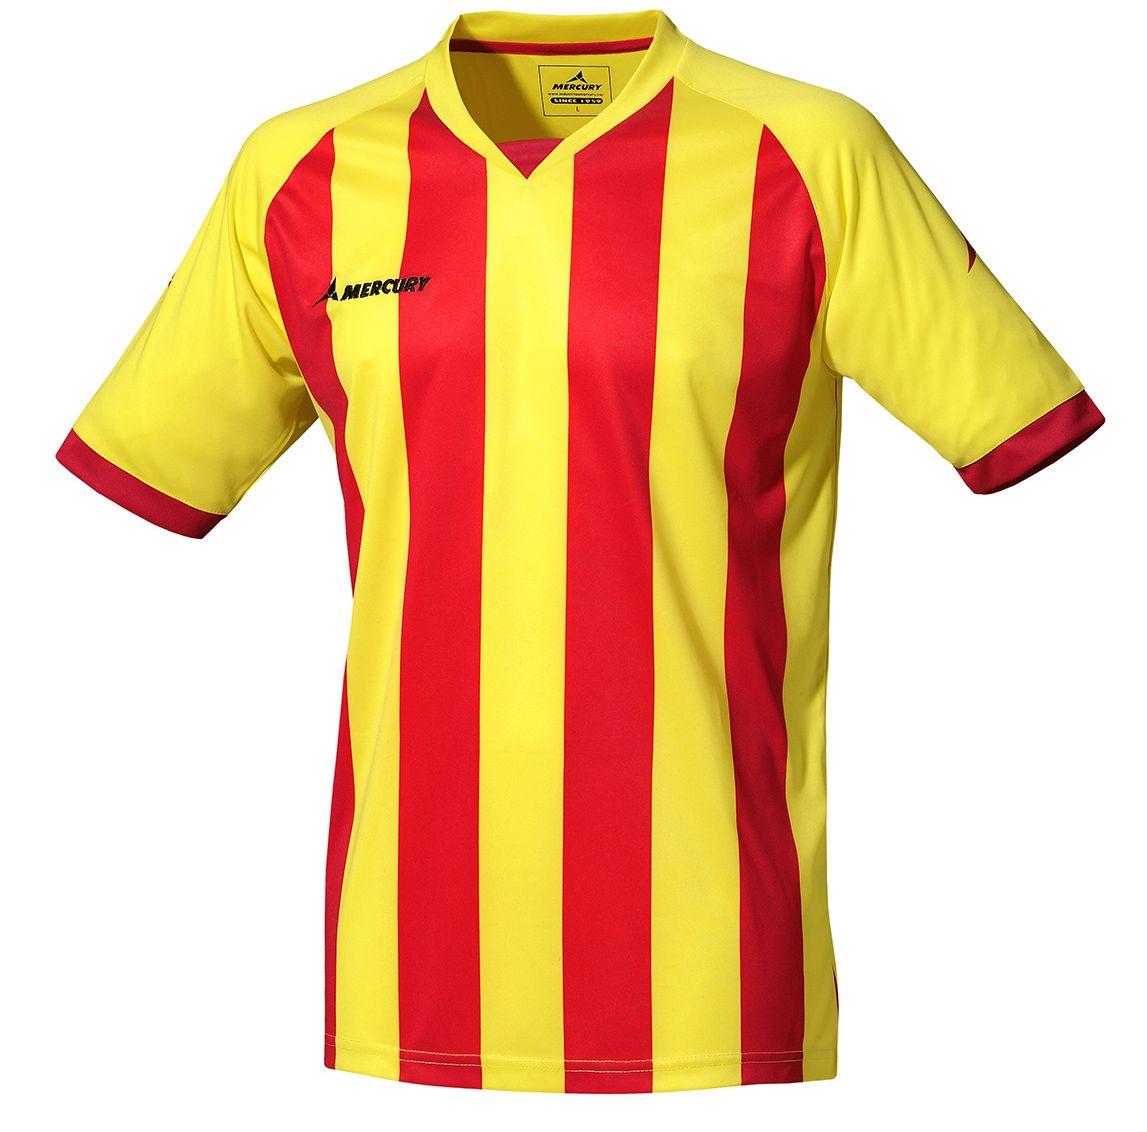 Camiseta Mercury Champions MECCBD 0704